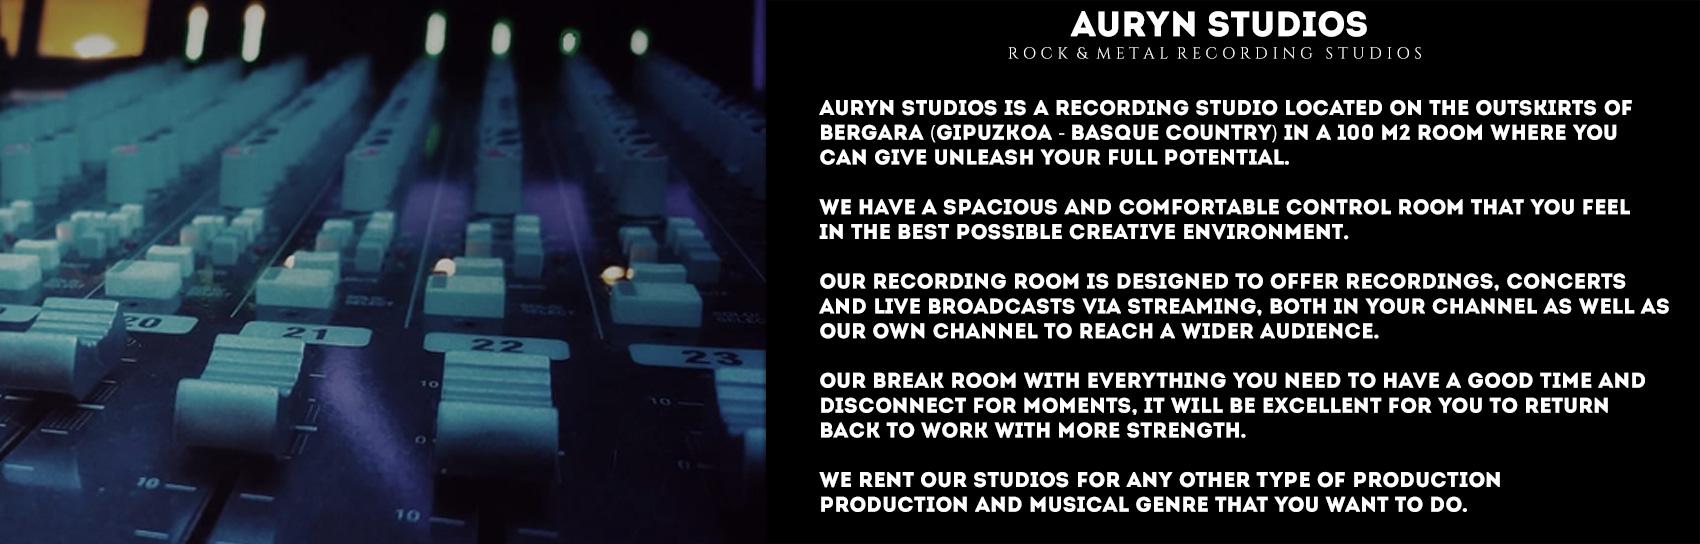 Auryn-presentación